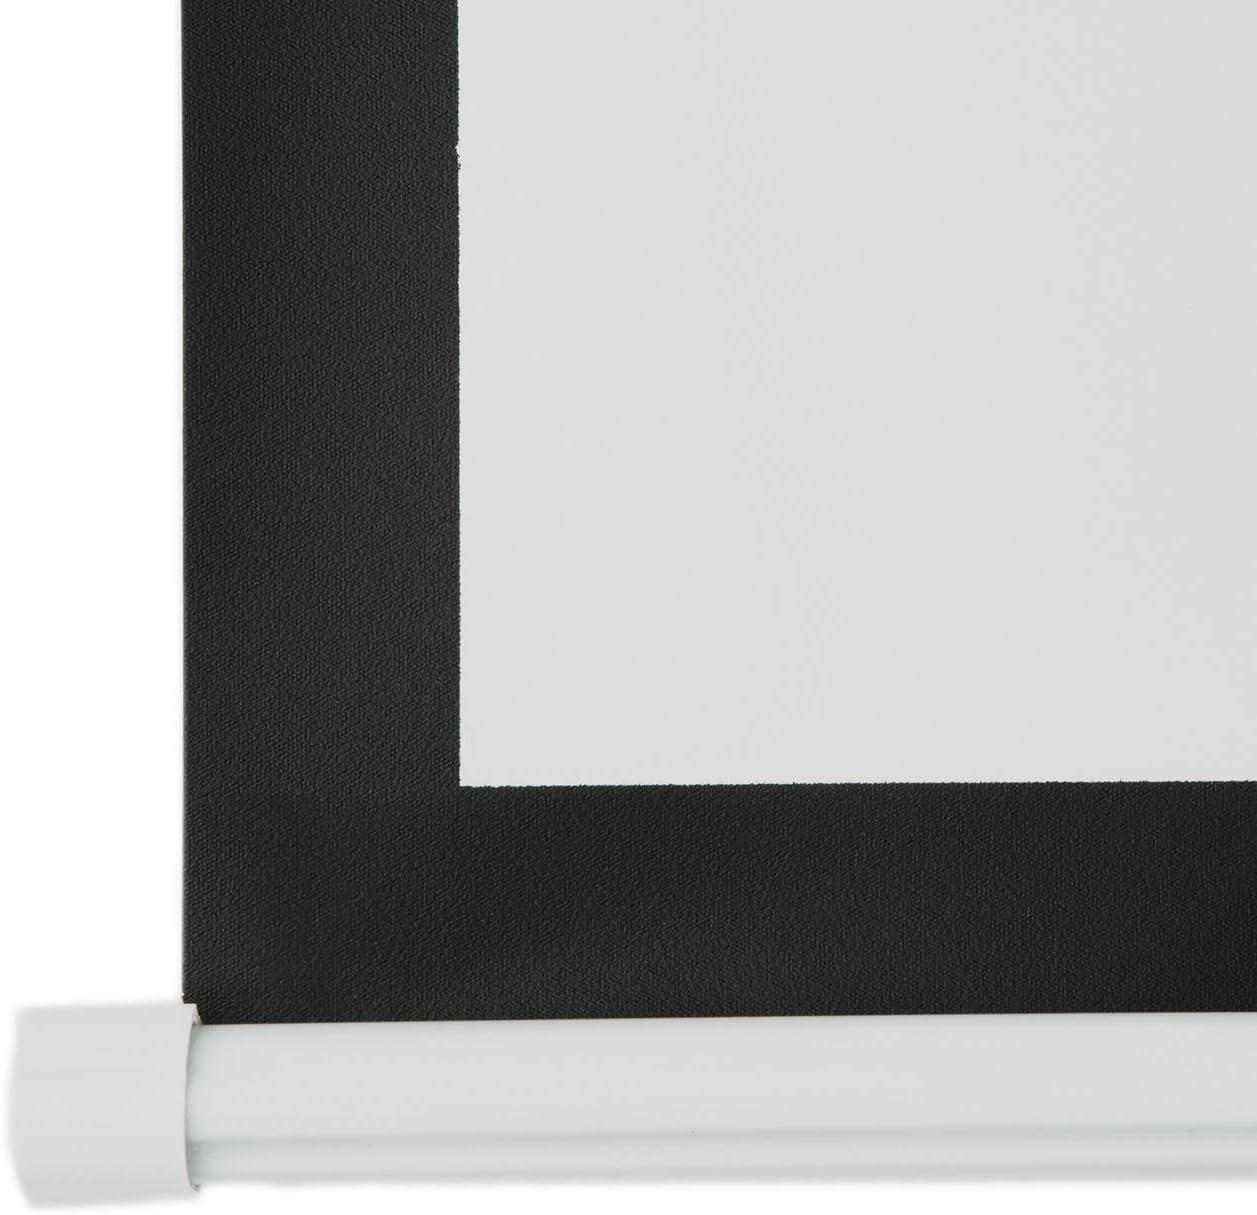 wei/ß Beamer Leinwand optimiert f/ür beamergest/ützte Pr/äsentationen Bilddiagonale 274 cm 108 Zoll Rahmenleinwand 240 x 135 cm einfache Montage FrontStage PSGA-108 Projektor Leinwand